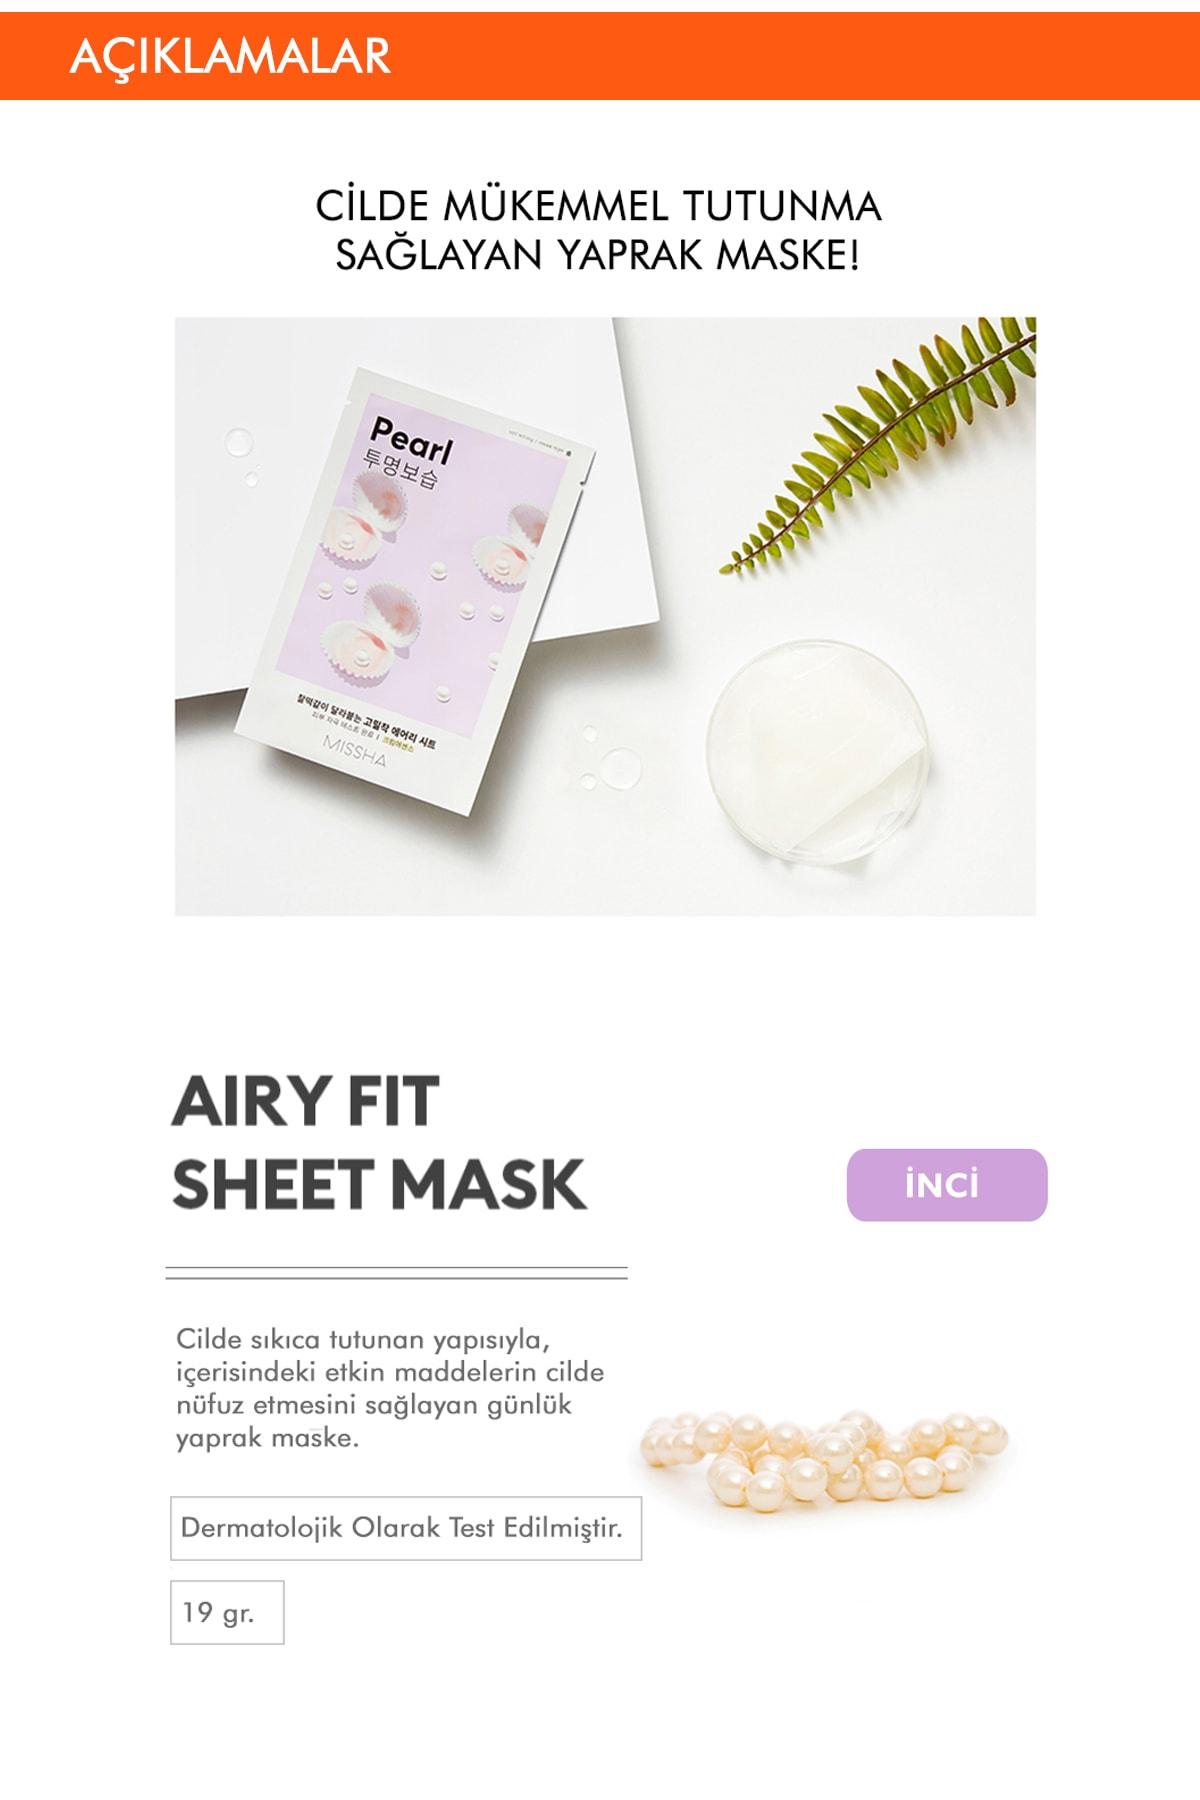 Missha İnci Özlü Aydınlatıcı ve Nemlendirici Yaprak Maske (1ad) Airy Fit Sheet Mask Pearl 1